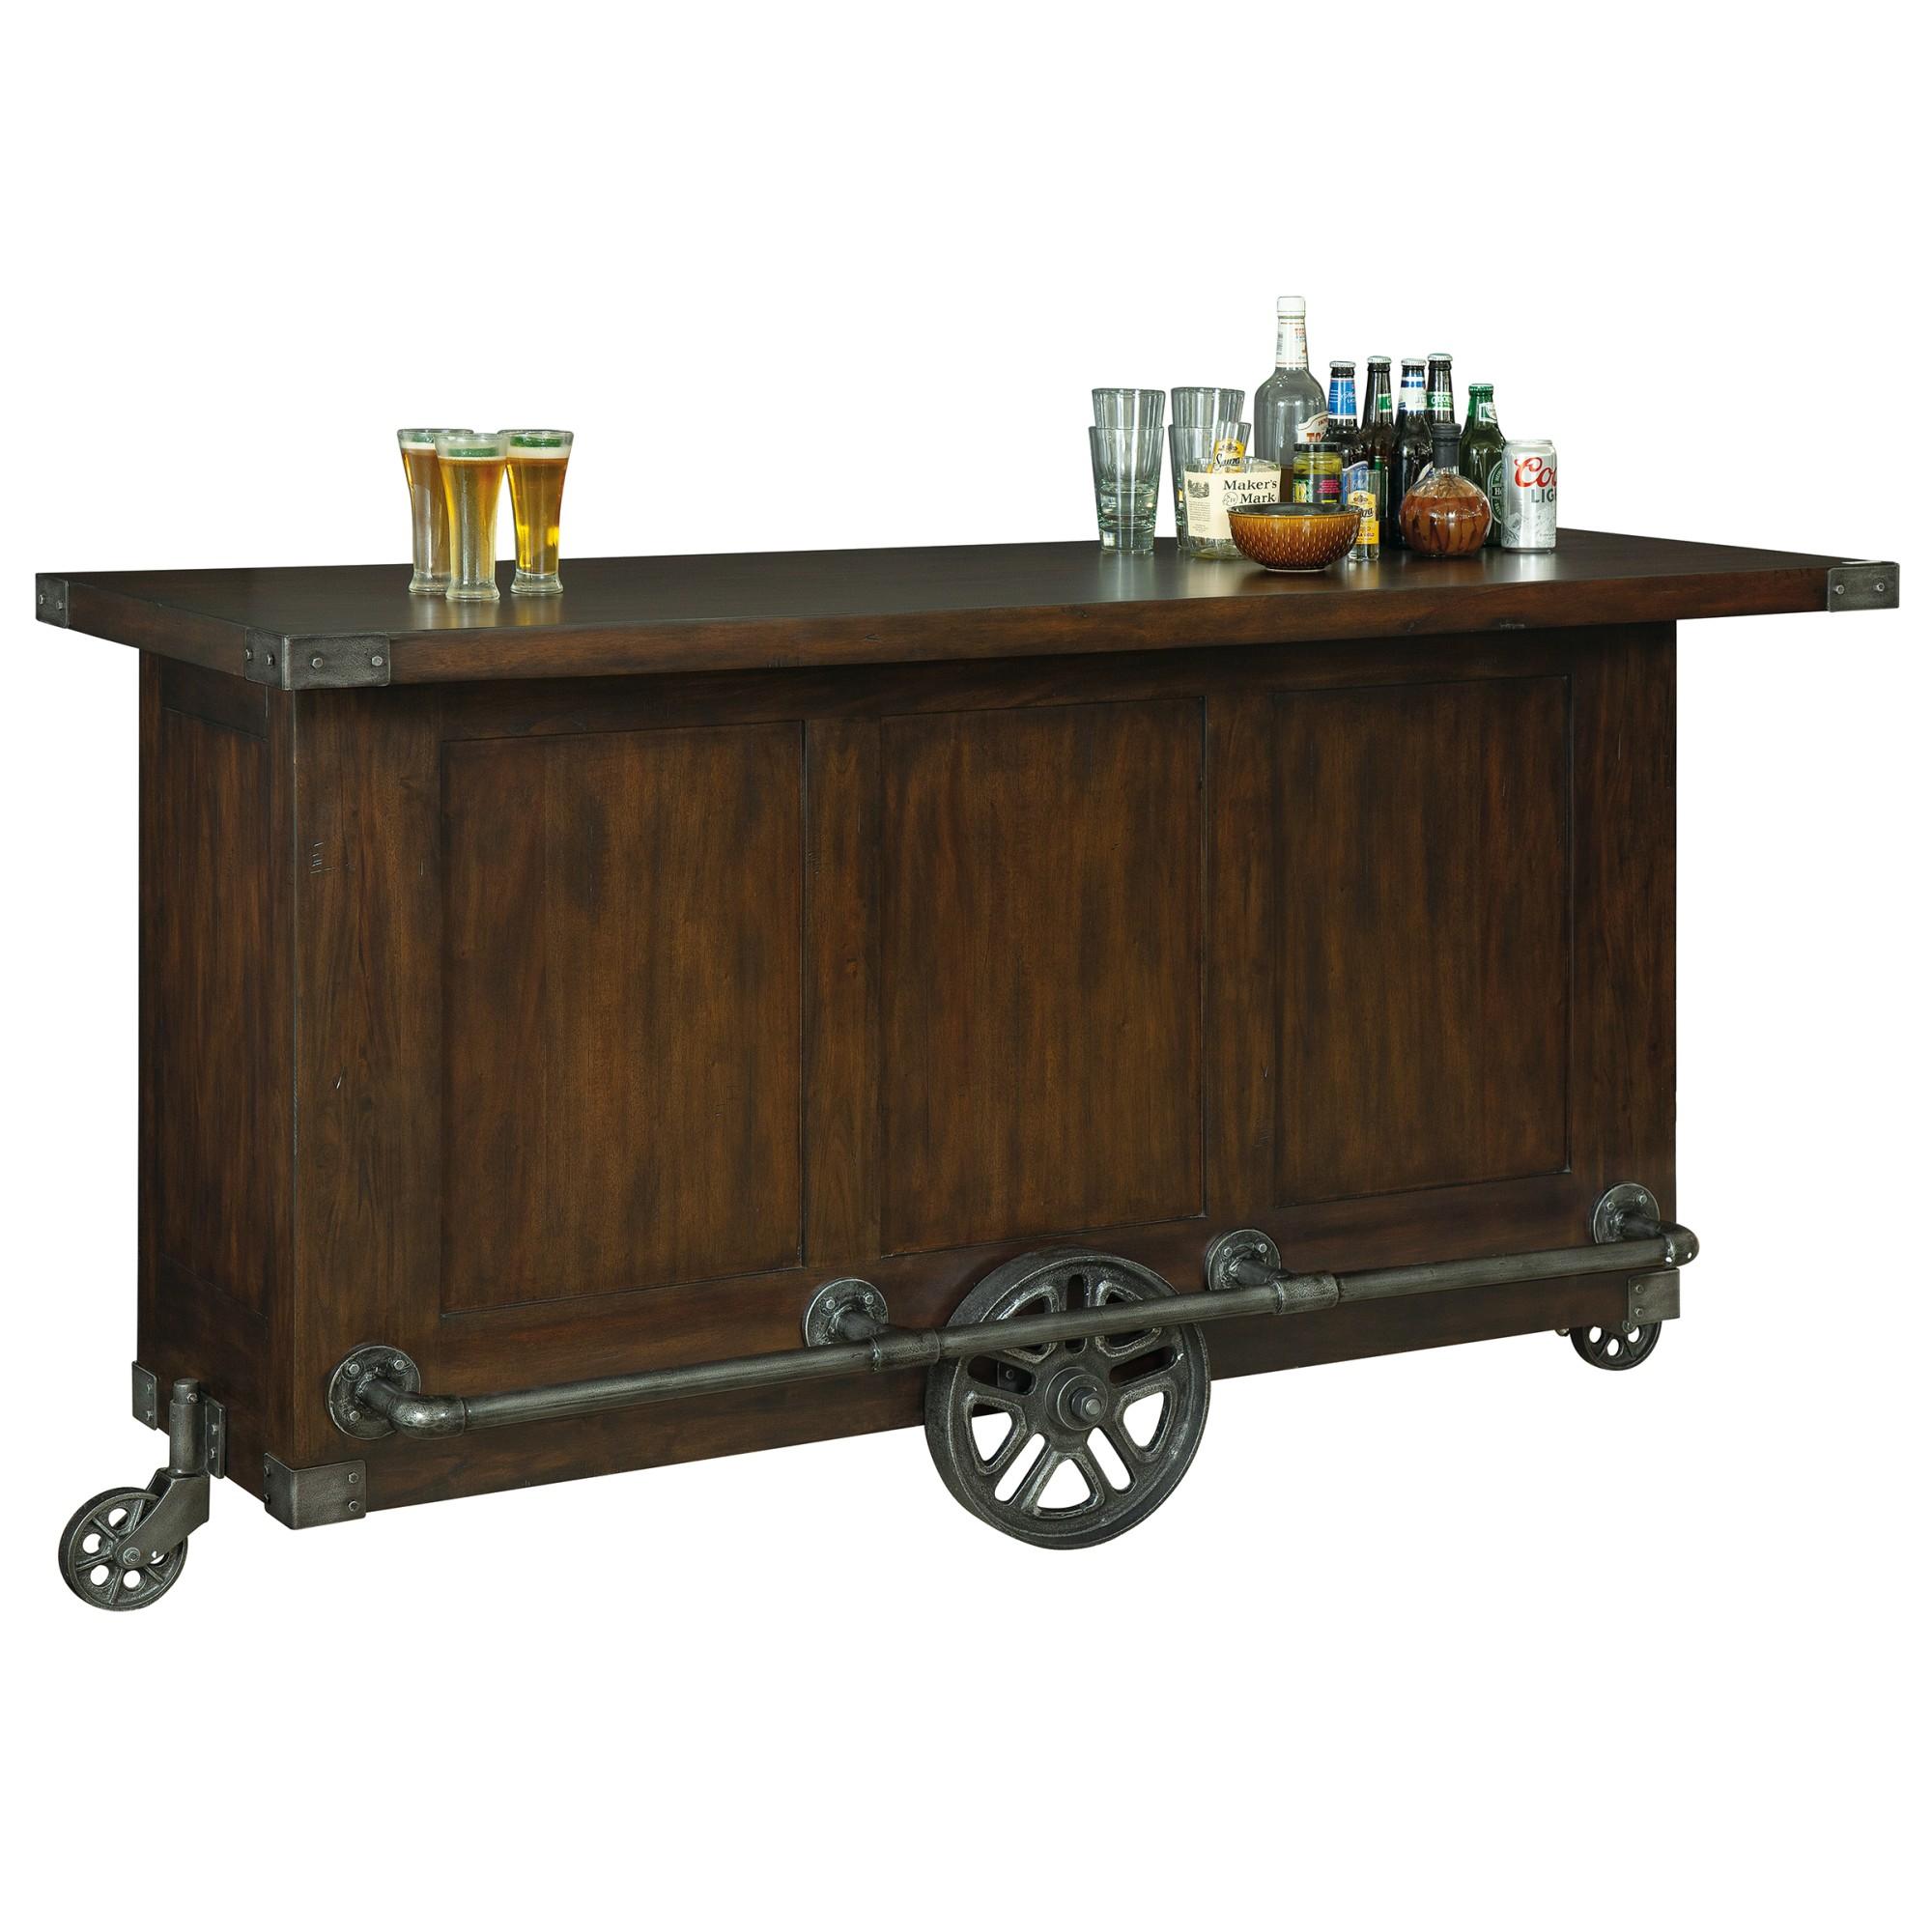 Image for 693-040 Bev Trolley Bar from Howard Miller Official Website